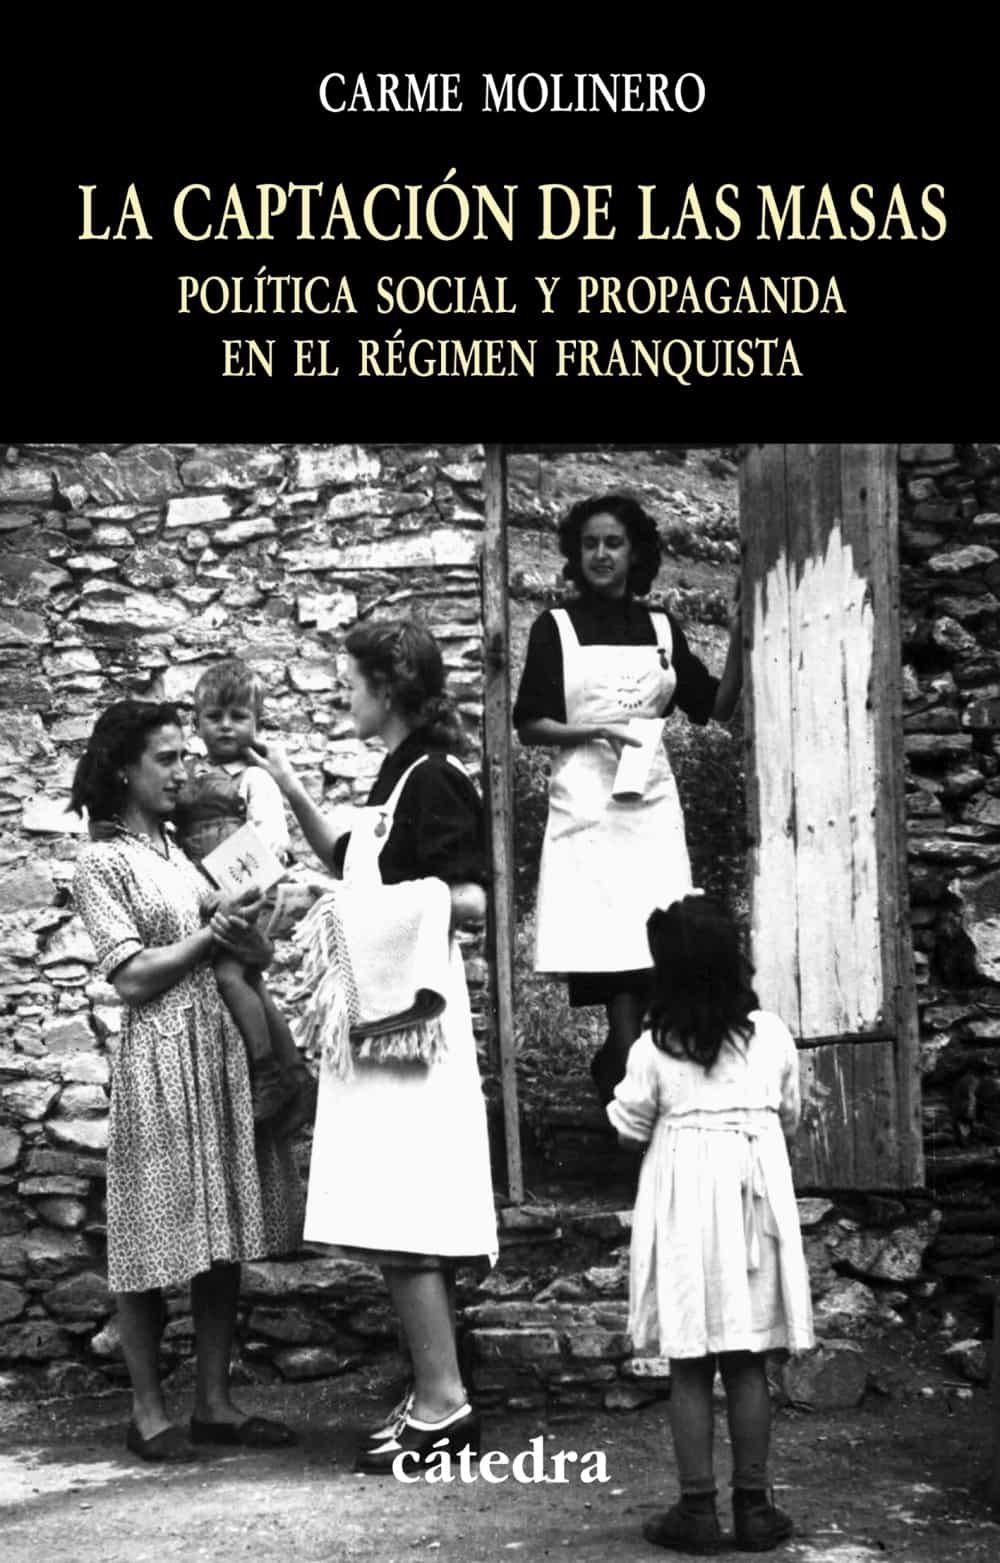 la captacion de las masas: politica social y propaganda en el reg imen franquista-carme molinero-9788437622804